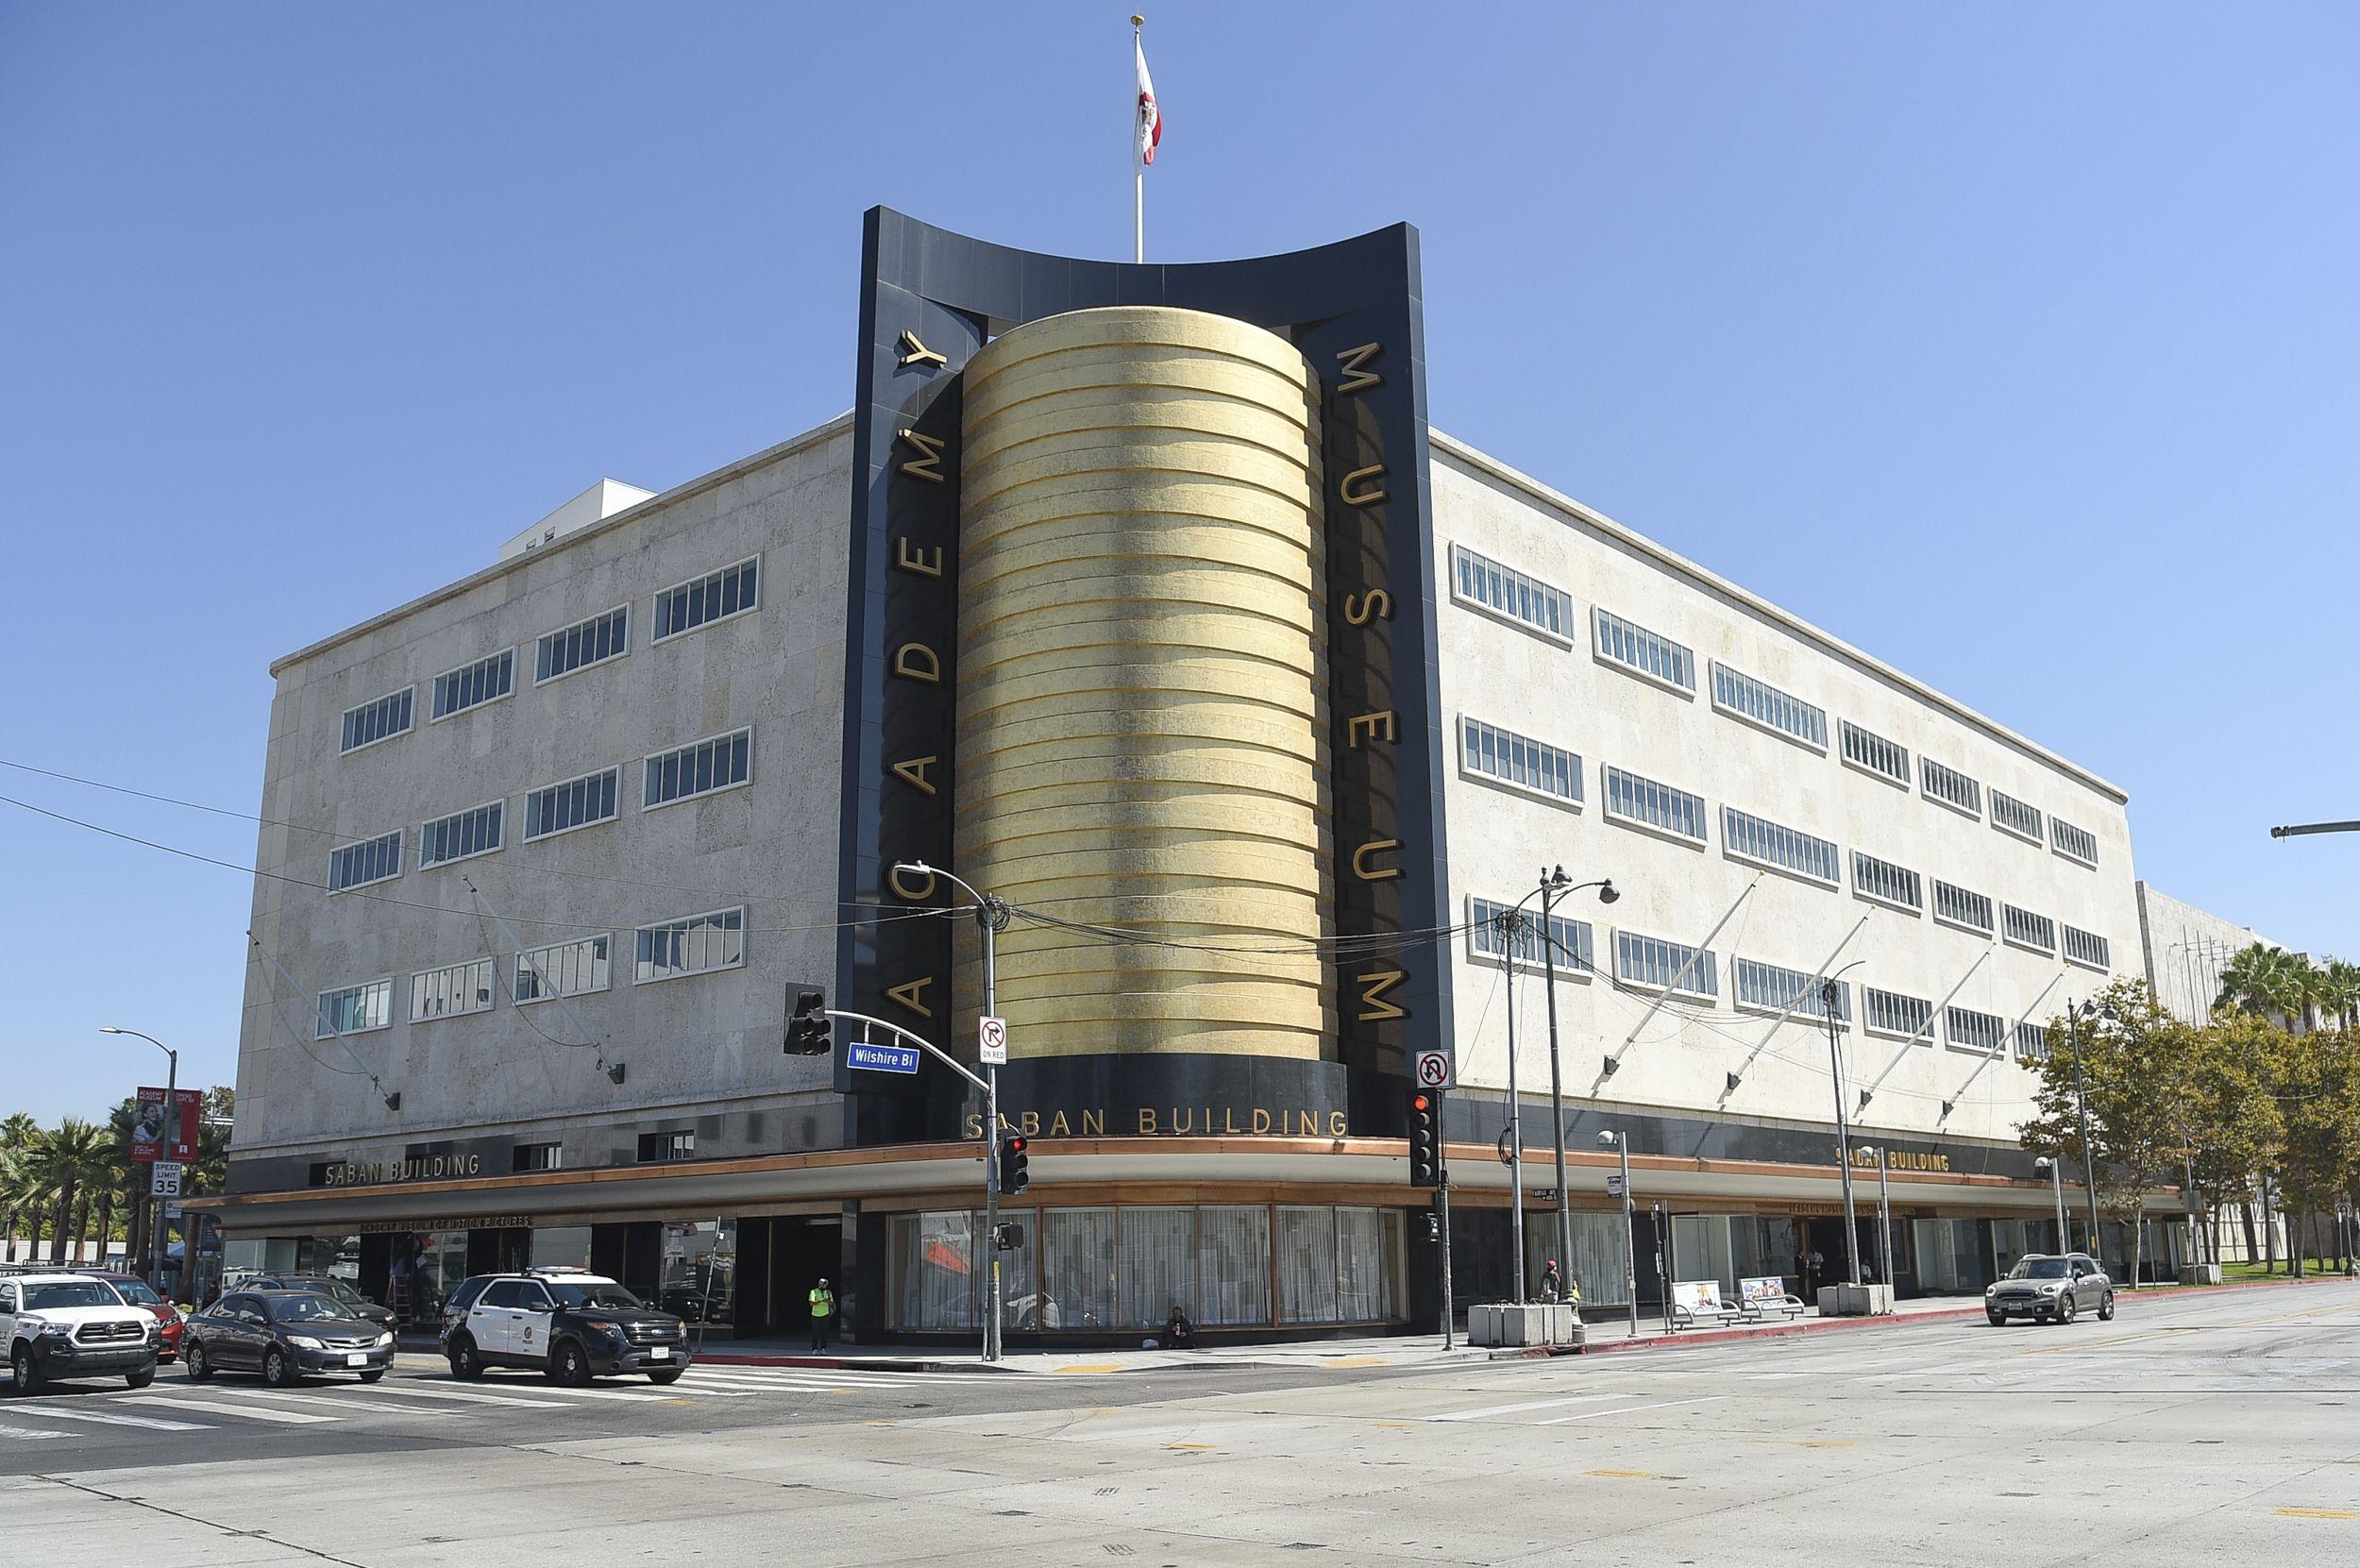 El exterior del Museo de la Academia de Cine (Academy Museum of Motion Pictures) el martes 21 de septiembre de 2021 en Los Angeles. El museo se inaugurará el 30 de septiembre.